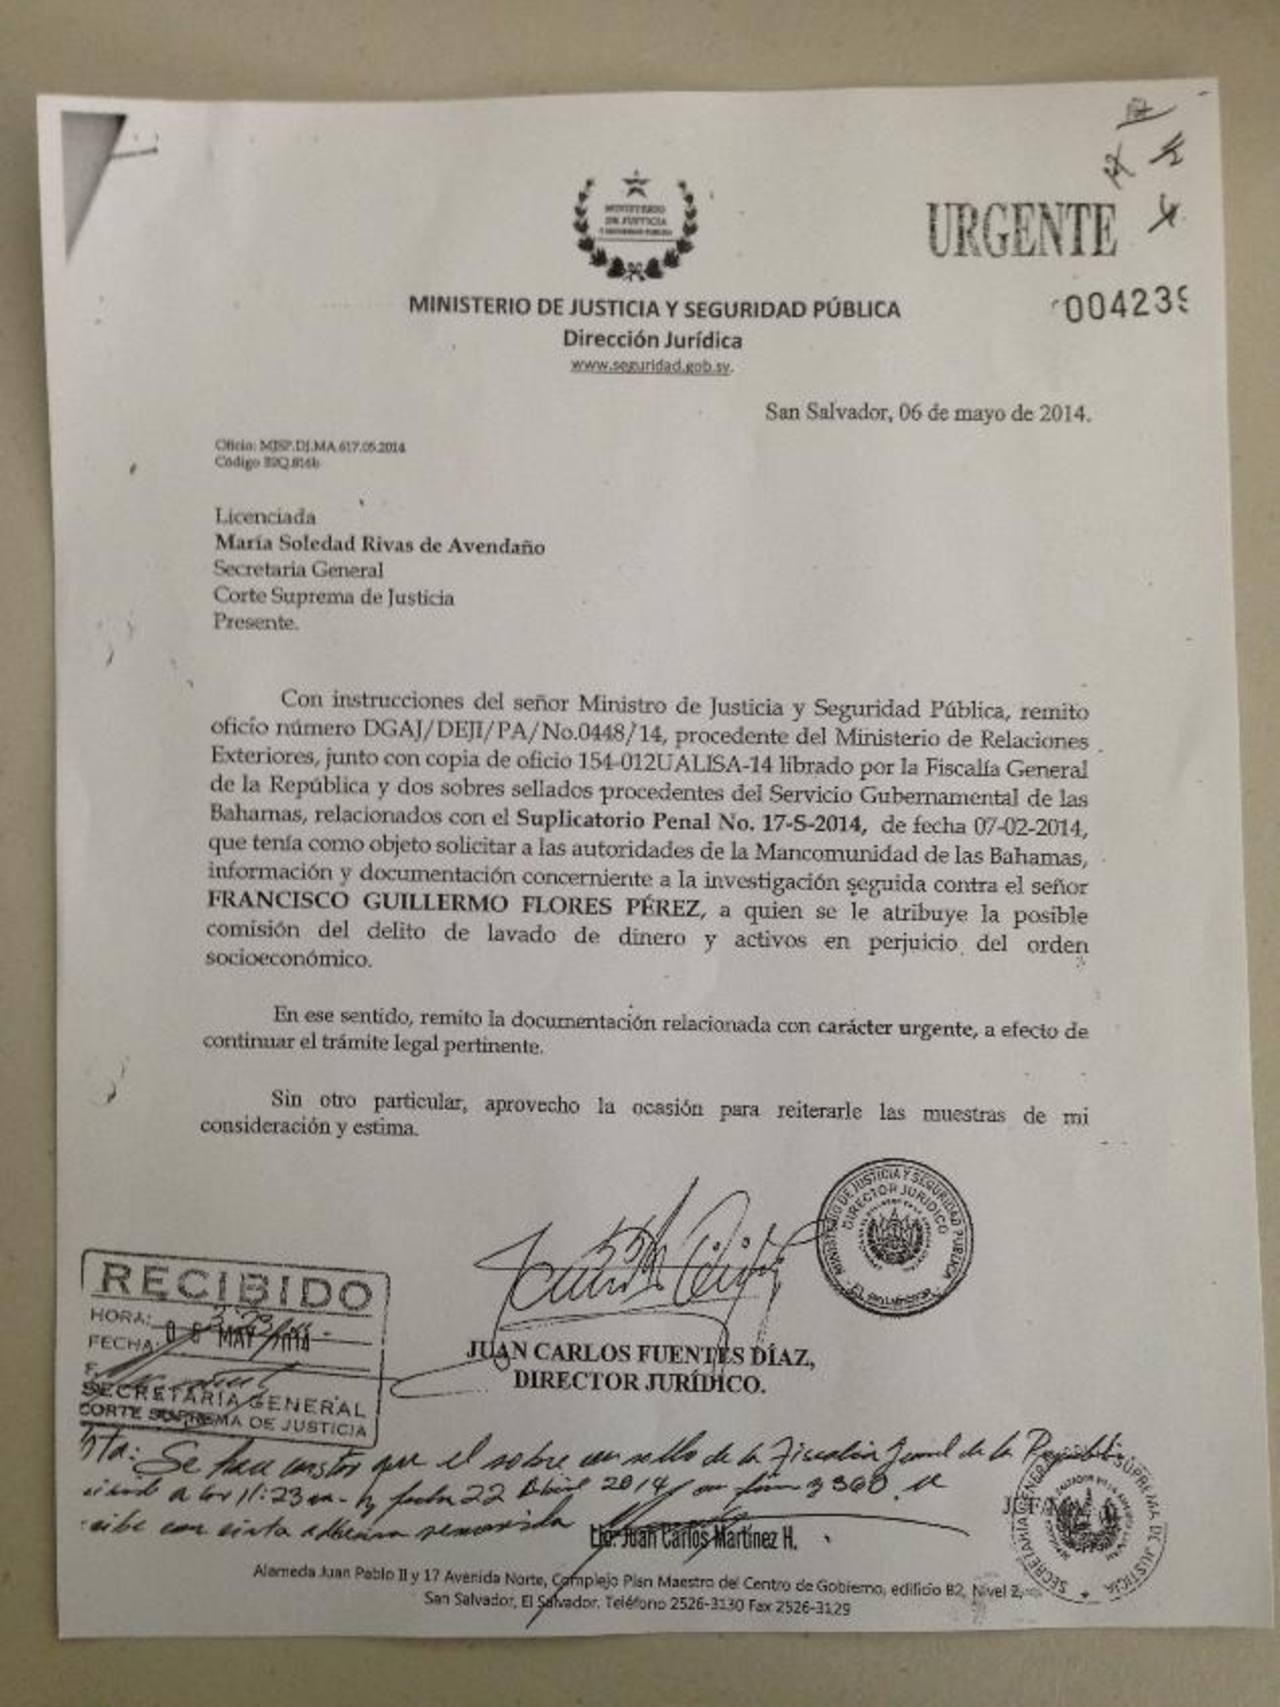 Violan y extravían correspondencia de la Fiscalía en caso Flores